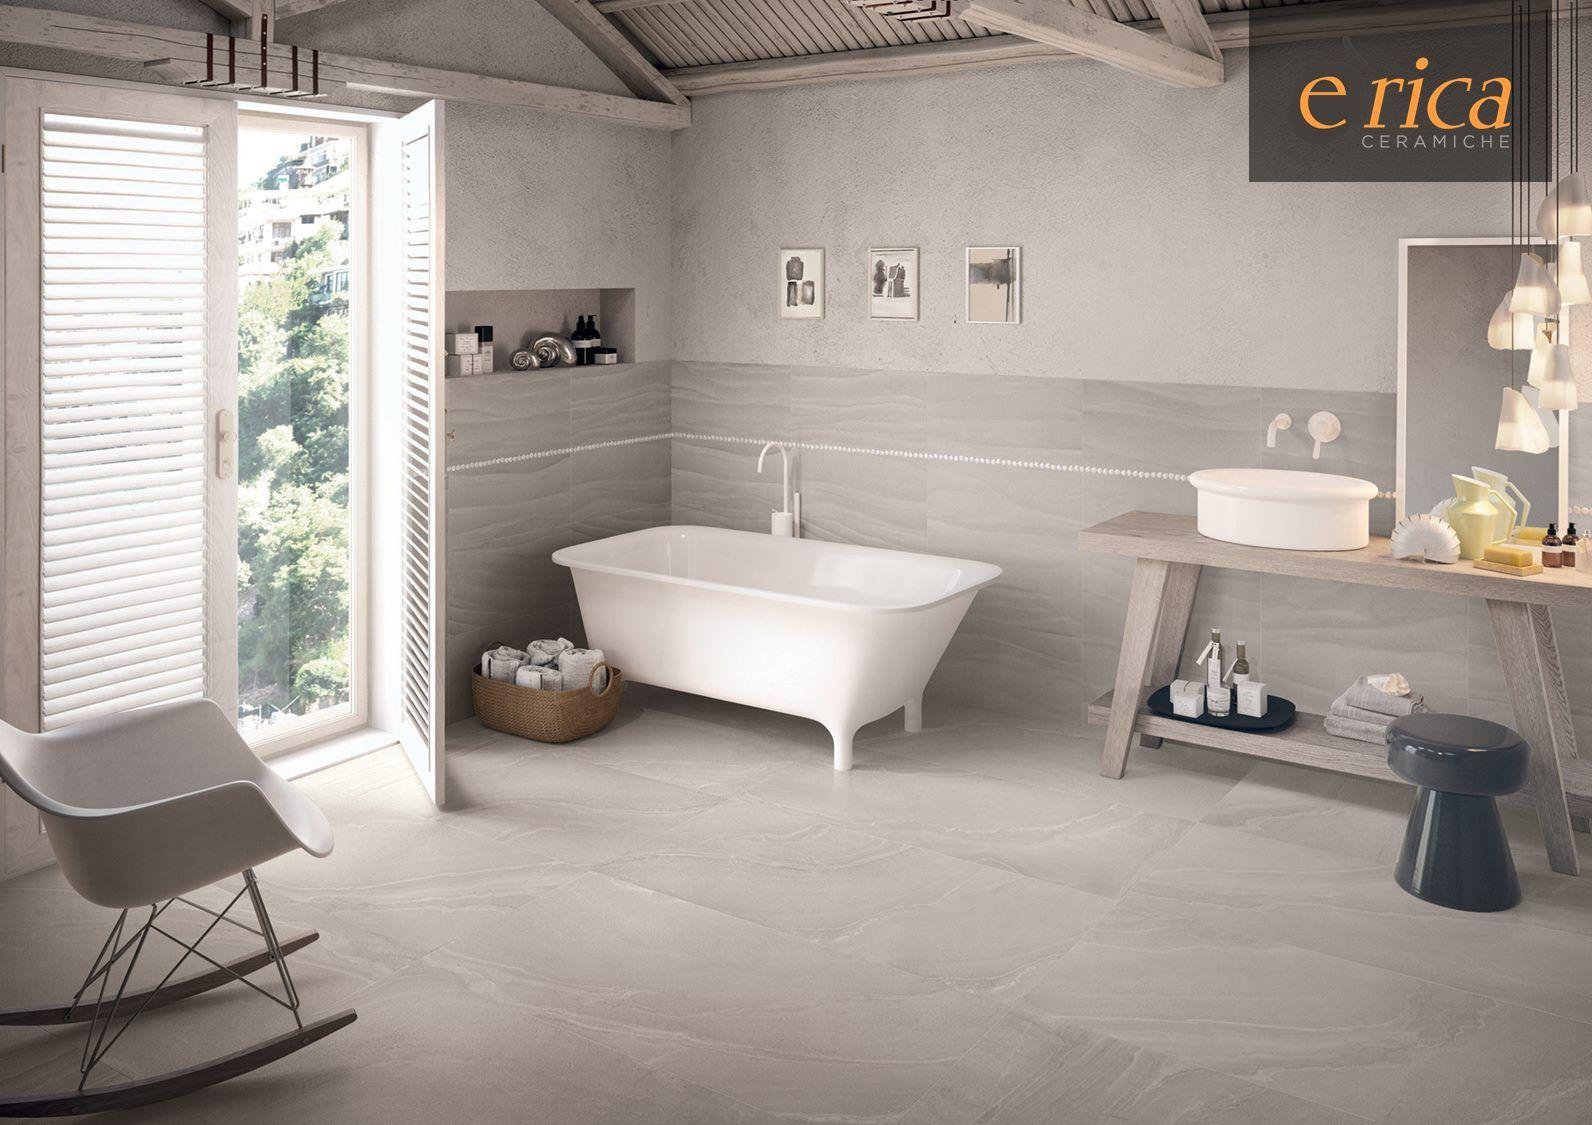 Piastrelle Color Sabbia Design Di Aspirazione Minimal Per Una Casa